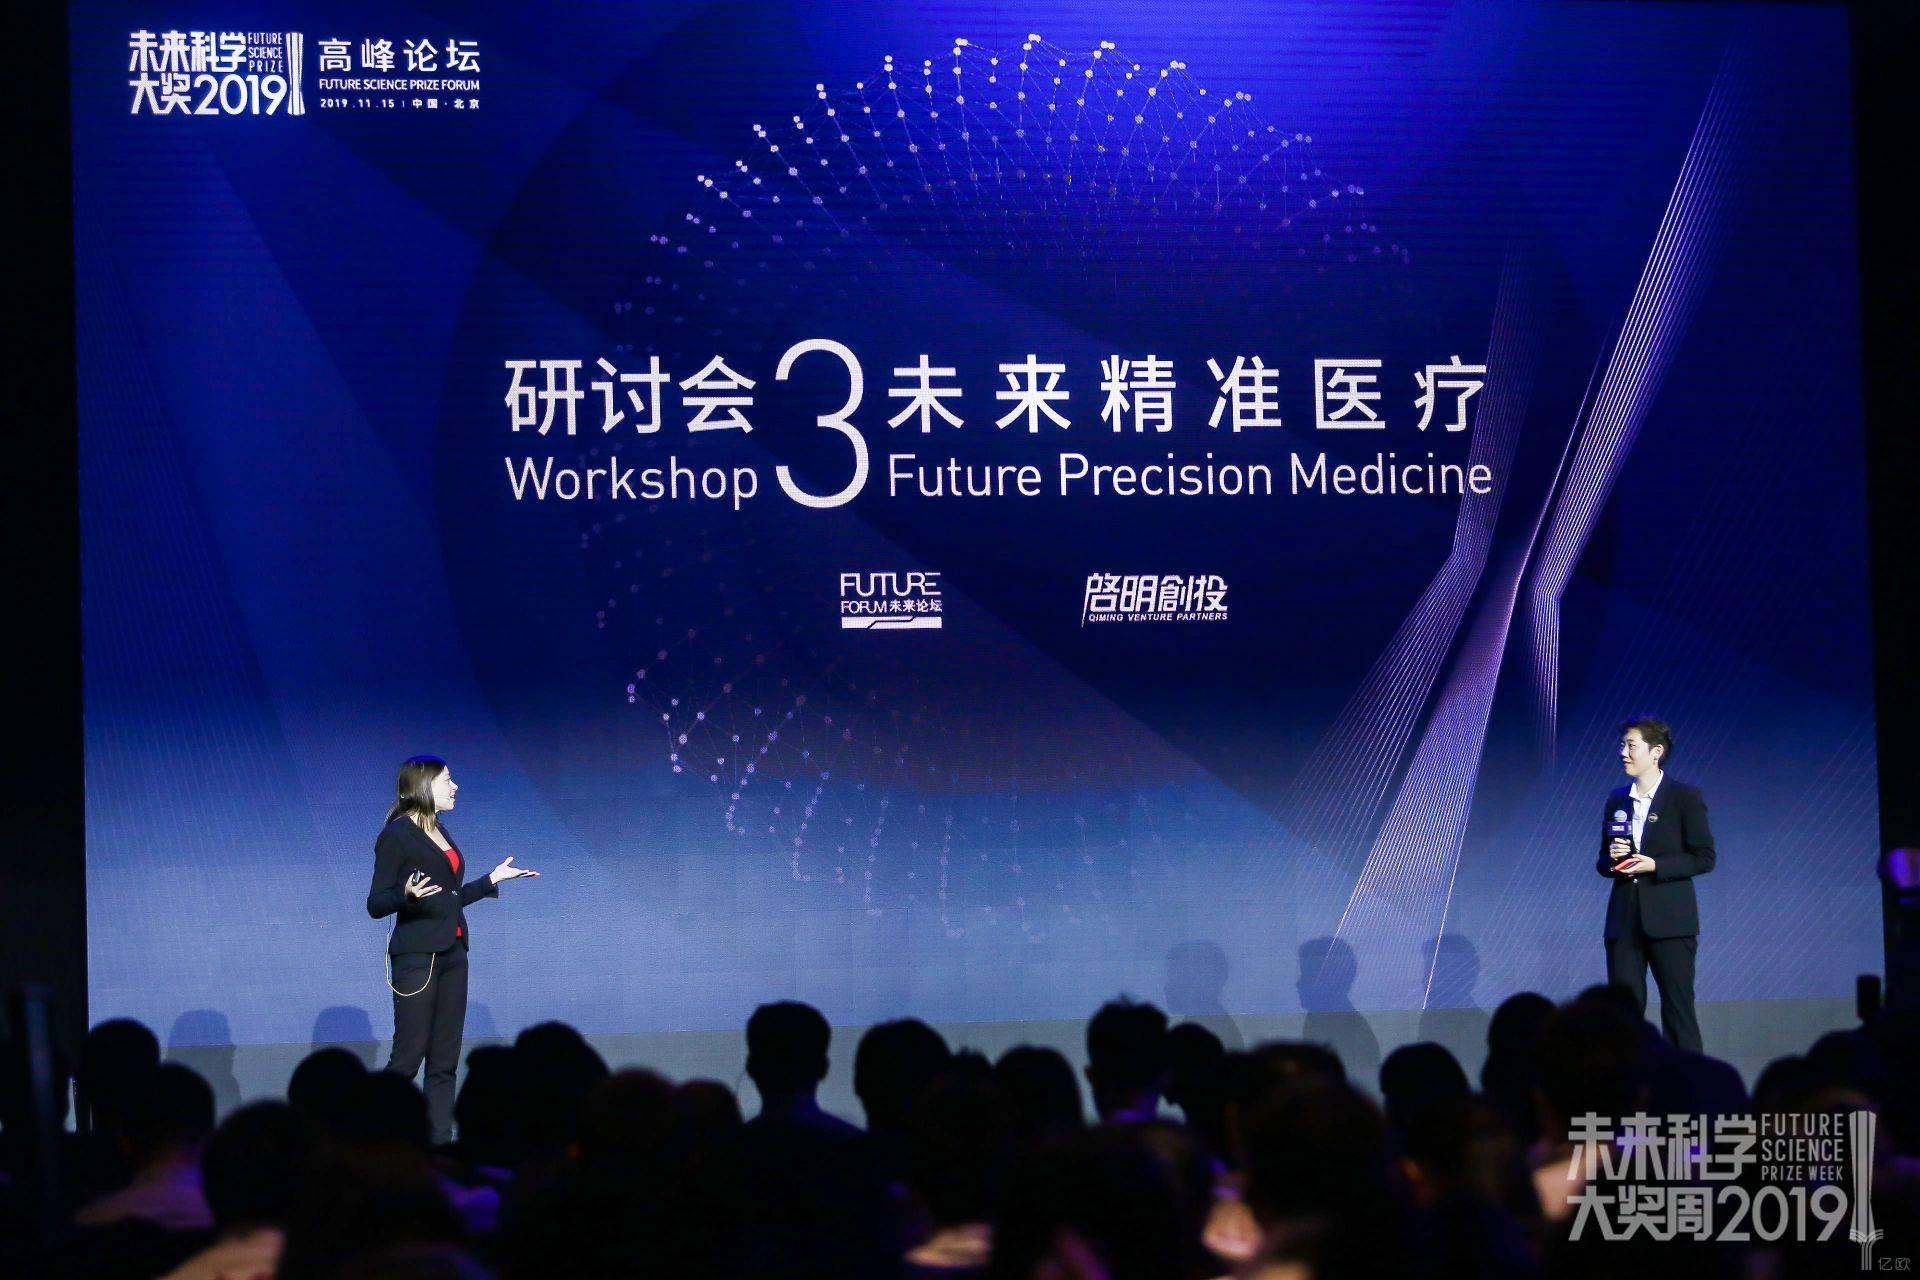 亿欧智库:未来科学大奖未来精准医疗